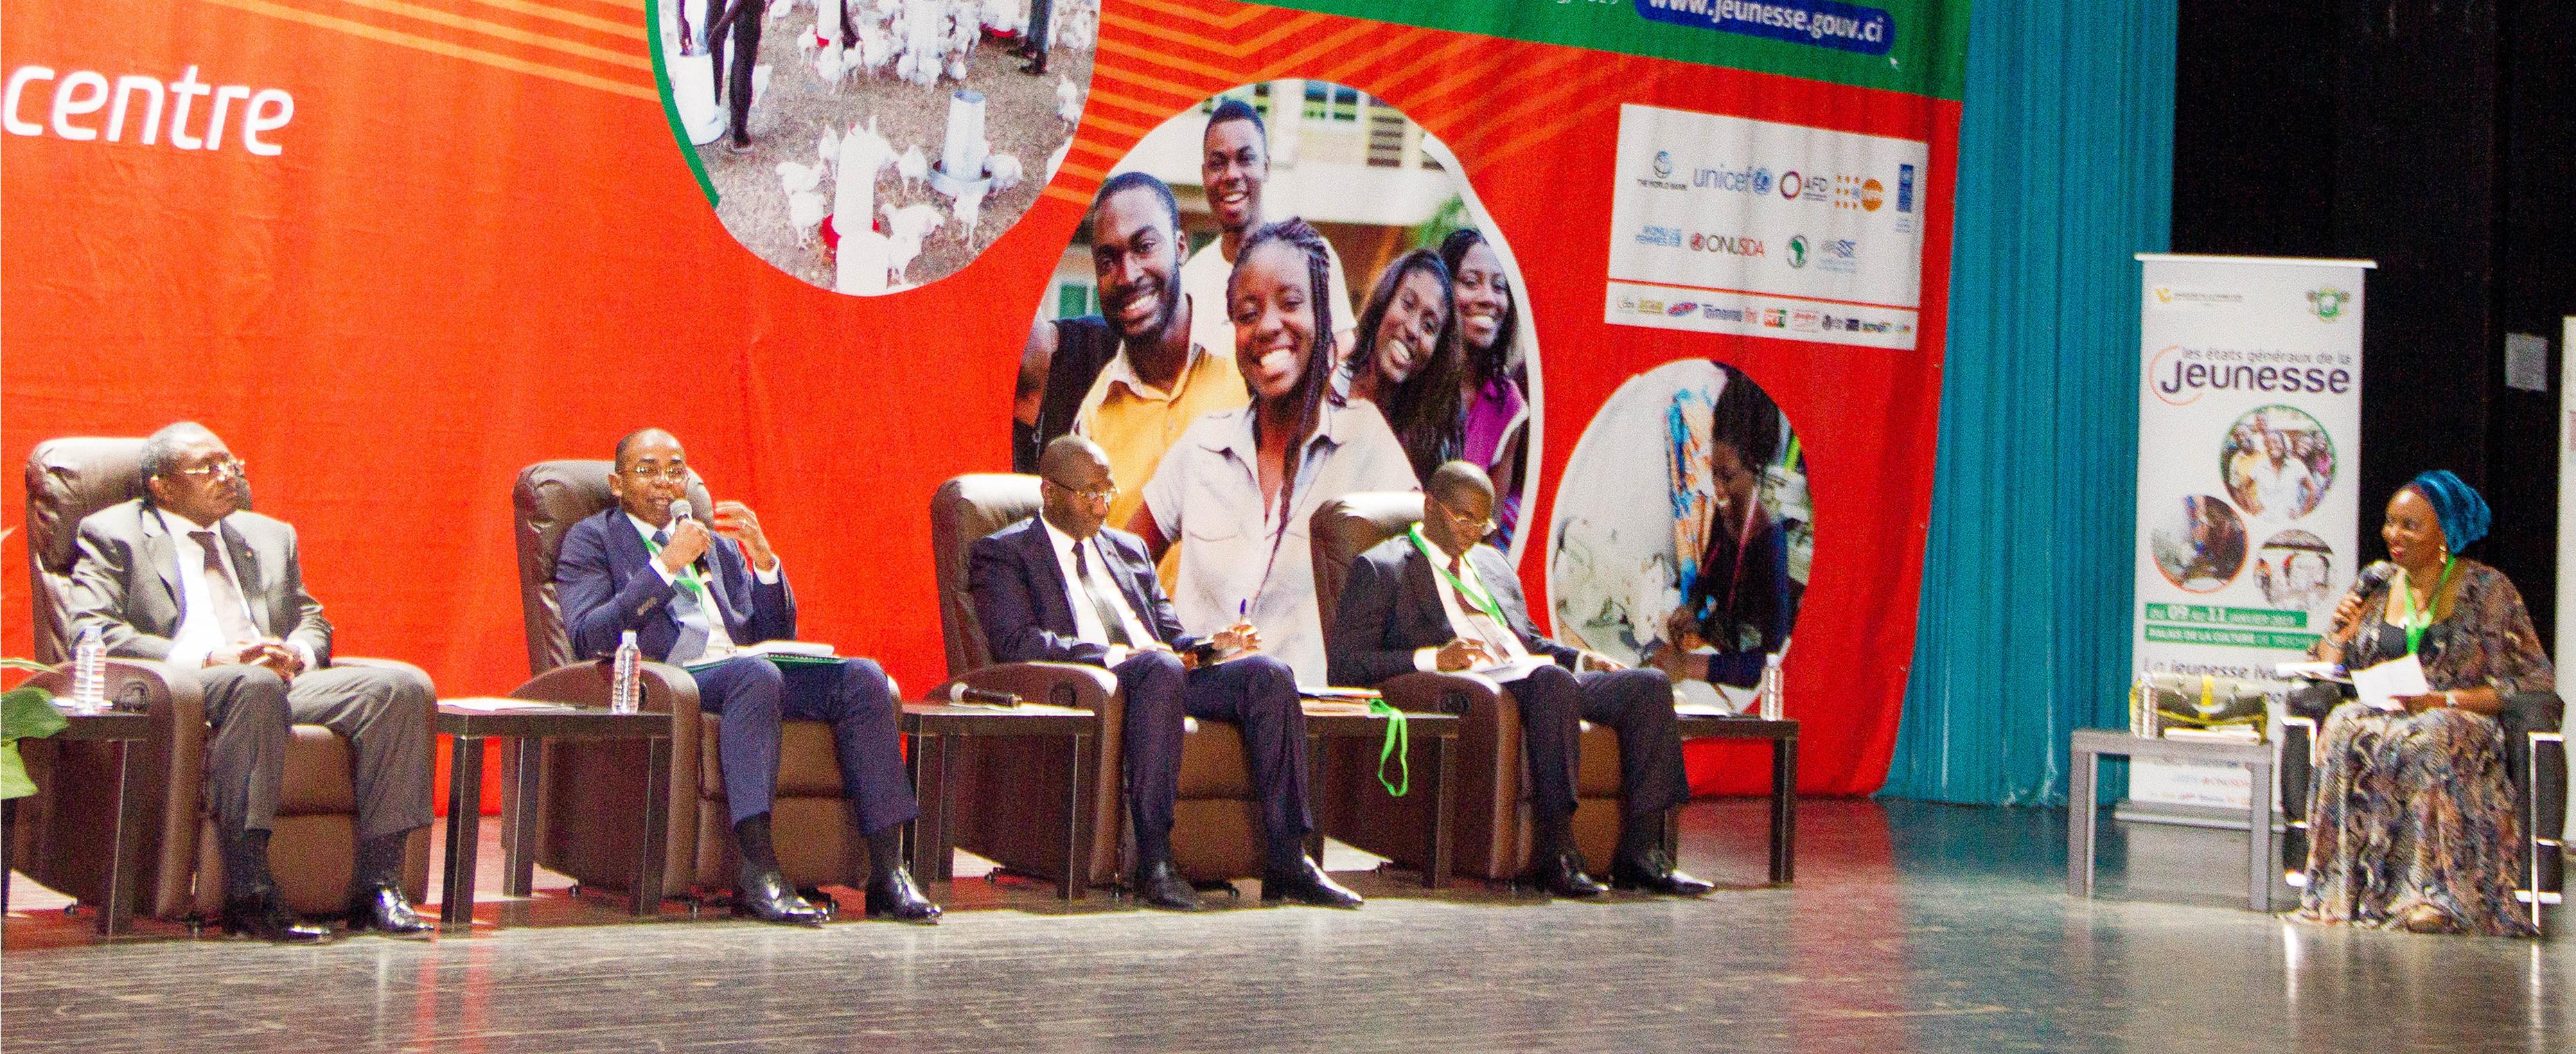 Etats généraux de la jeunesse : Le Ministre Claude Isaac DE exhorte les jeunes à tourner le dos à la cybercriminalité